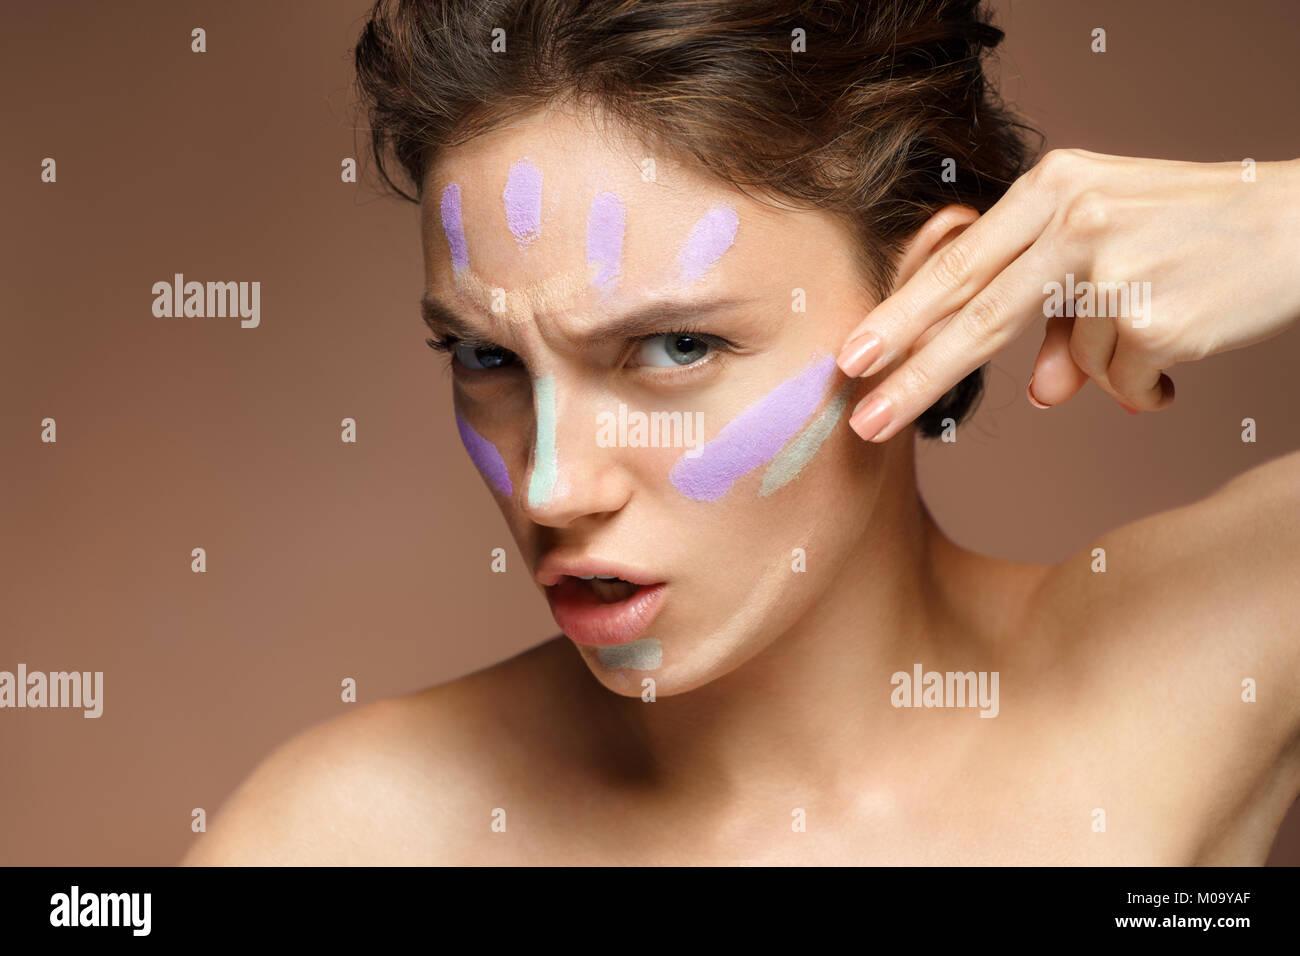 Mujer decidida haciendo uso de maquillaje corrector. Foto de la hermosa morenita mujer sobre fondo marrón. Imagen De Stock